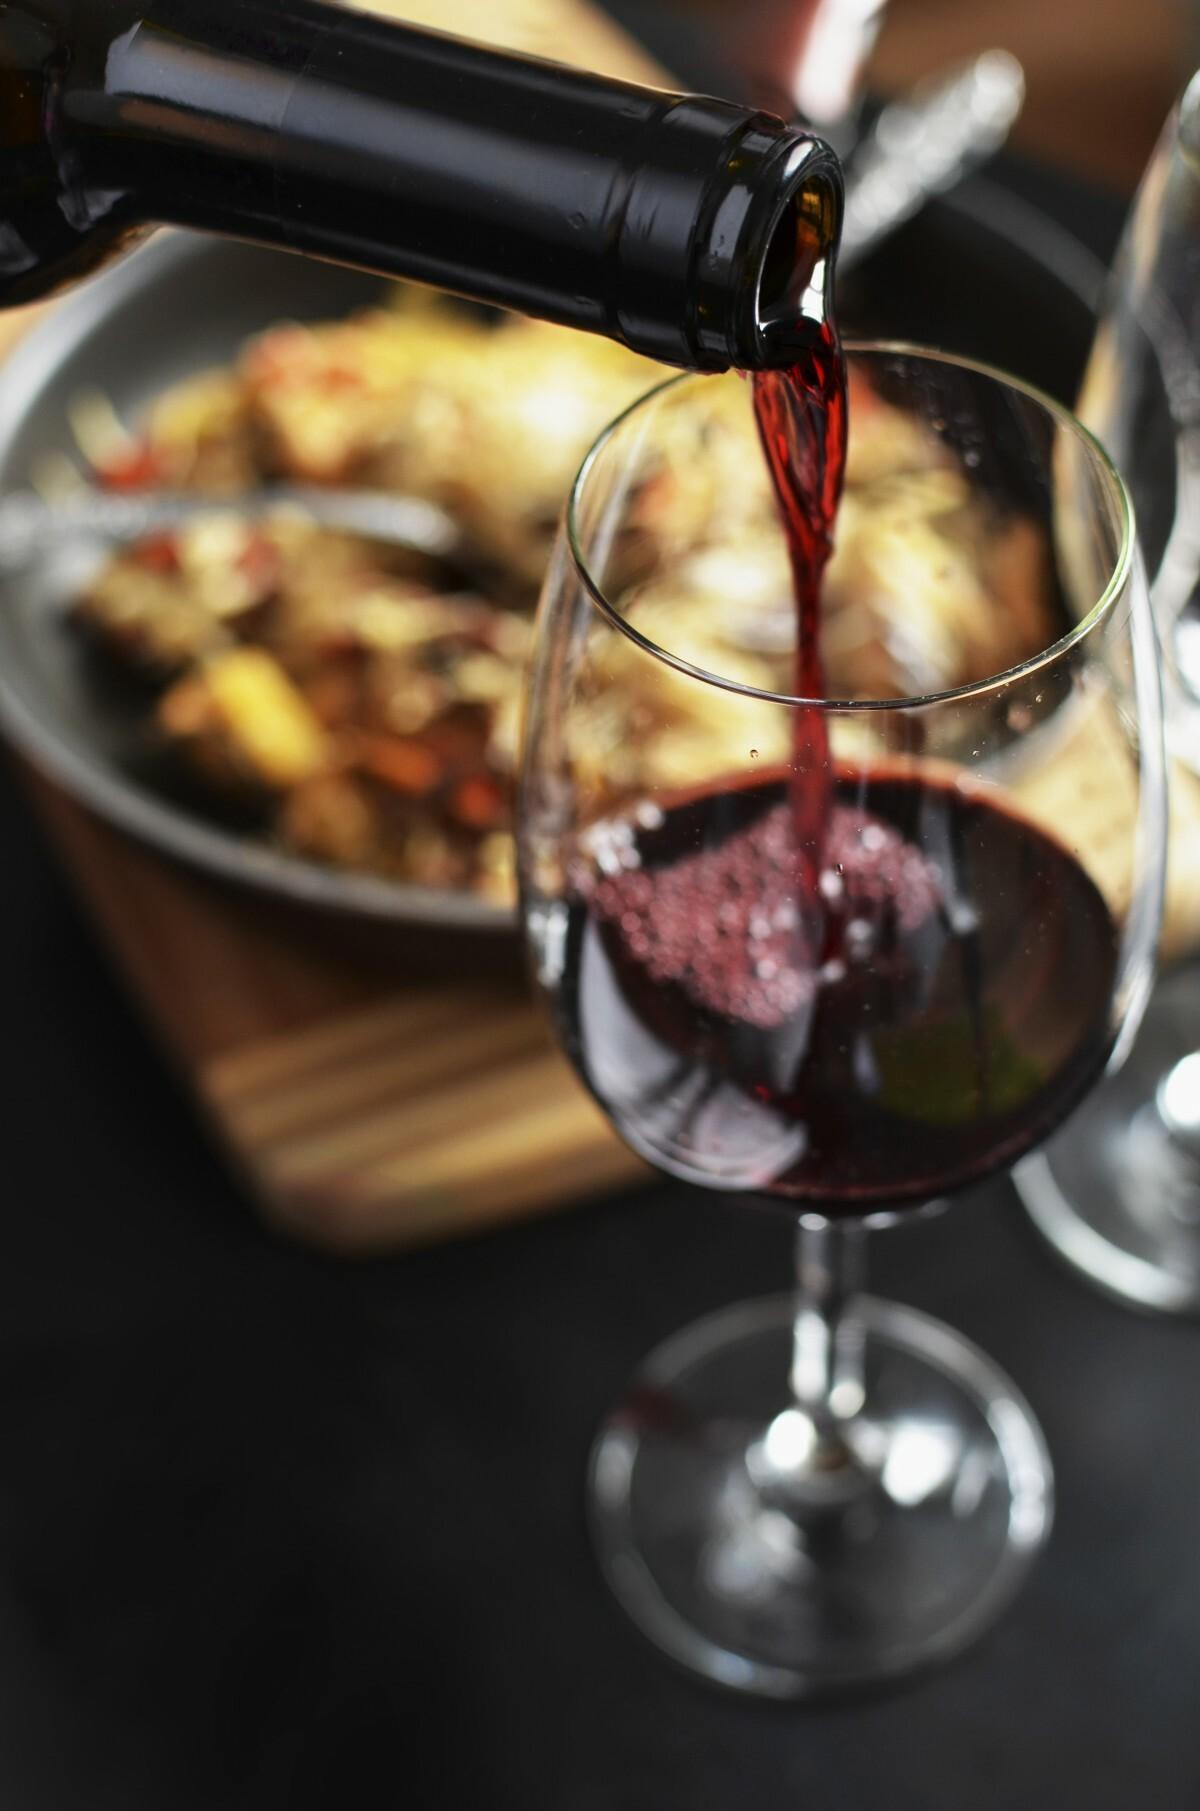 wine_red_bottle_drink-871581